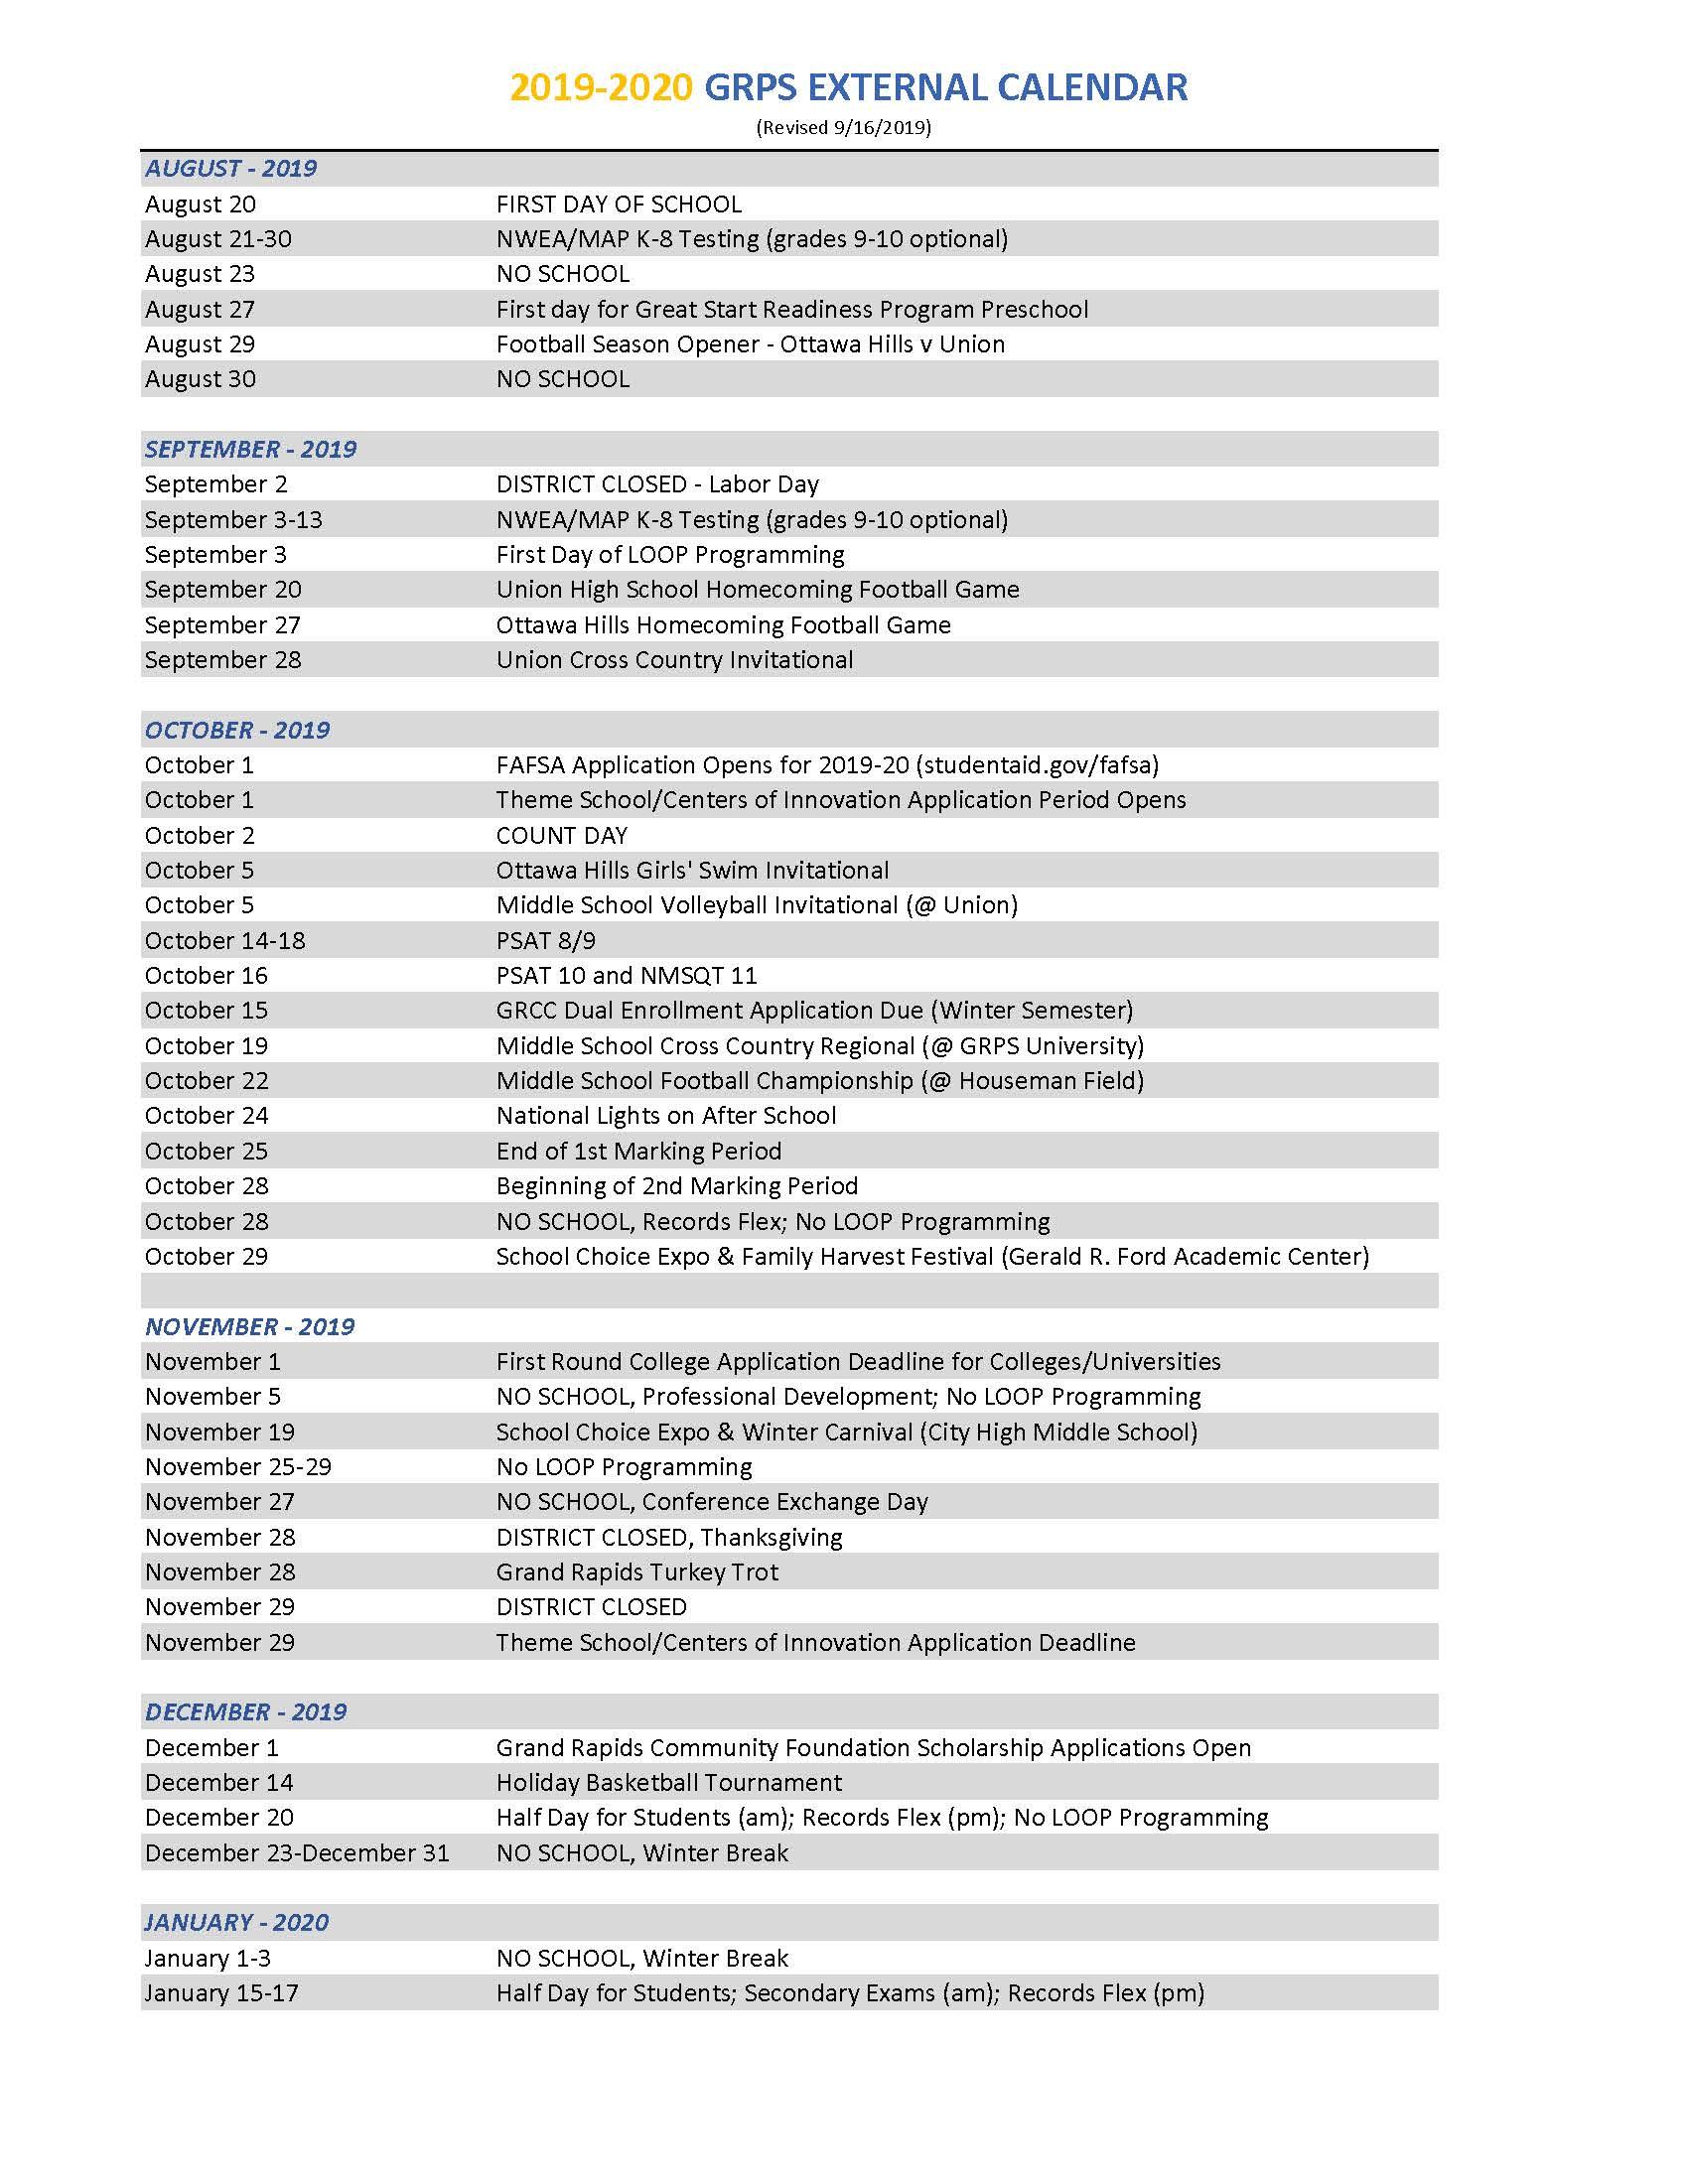 Notices | Gcu – Department Of Political Science In Gcu throughout Gcu 2014 Academic Calendar